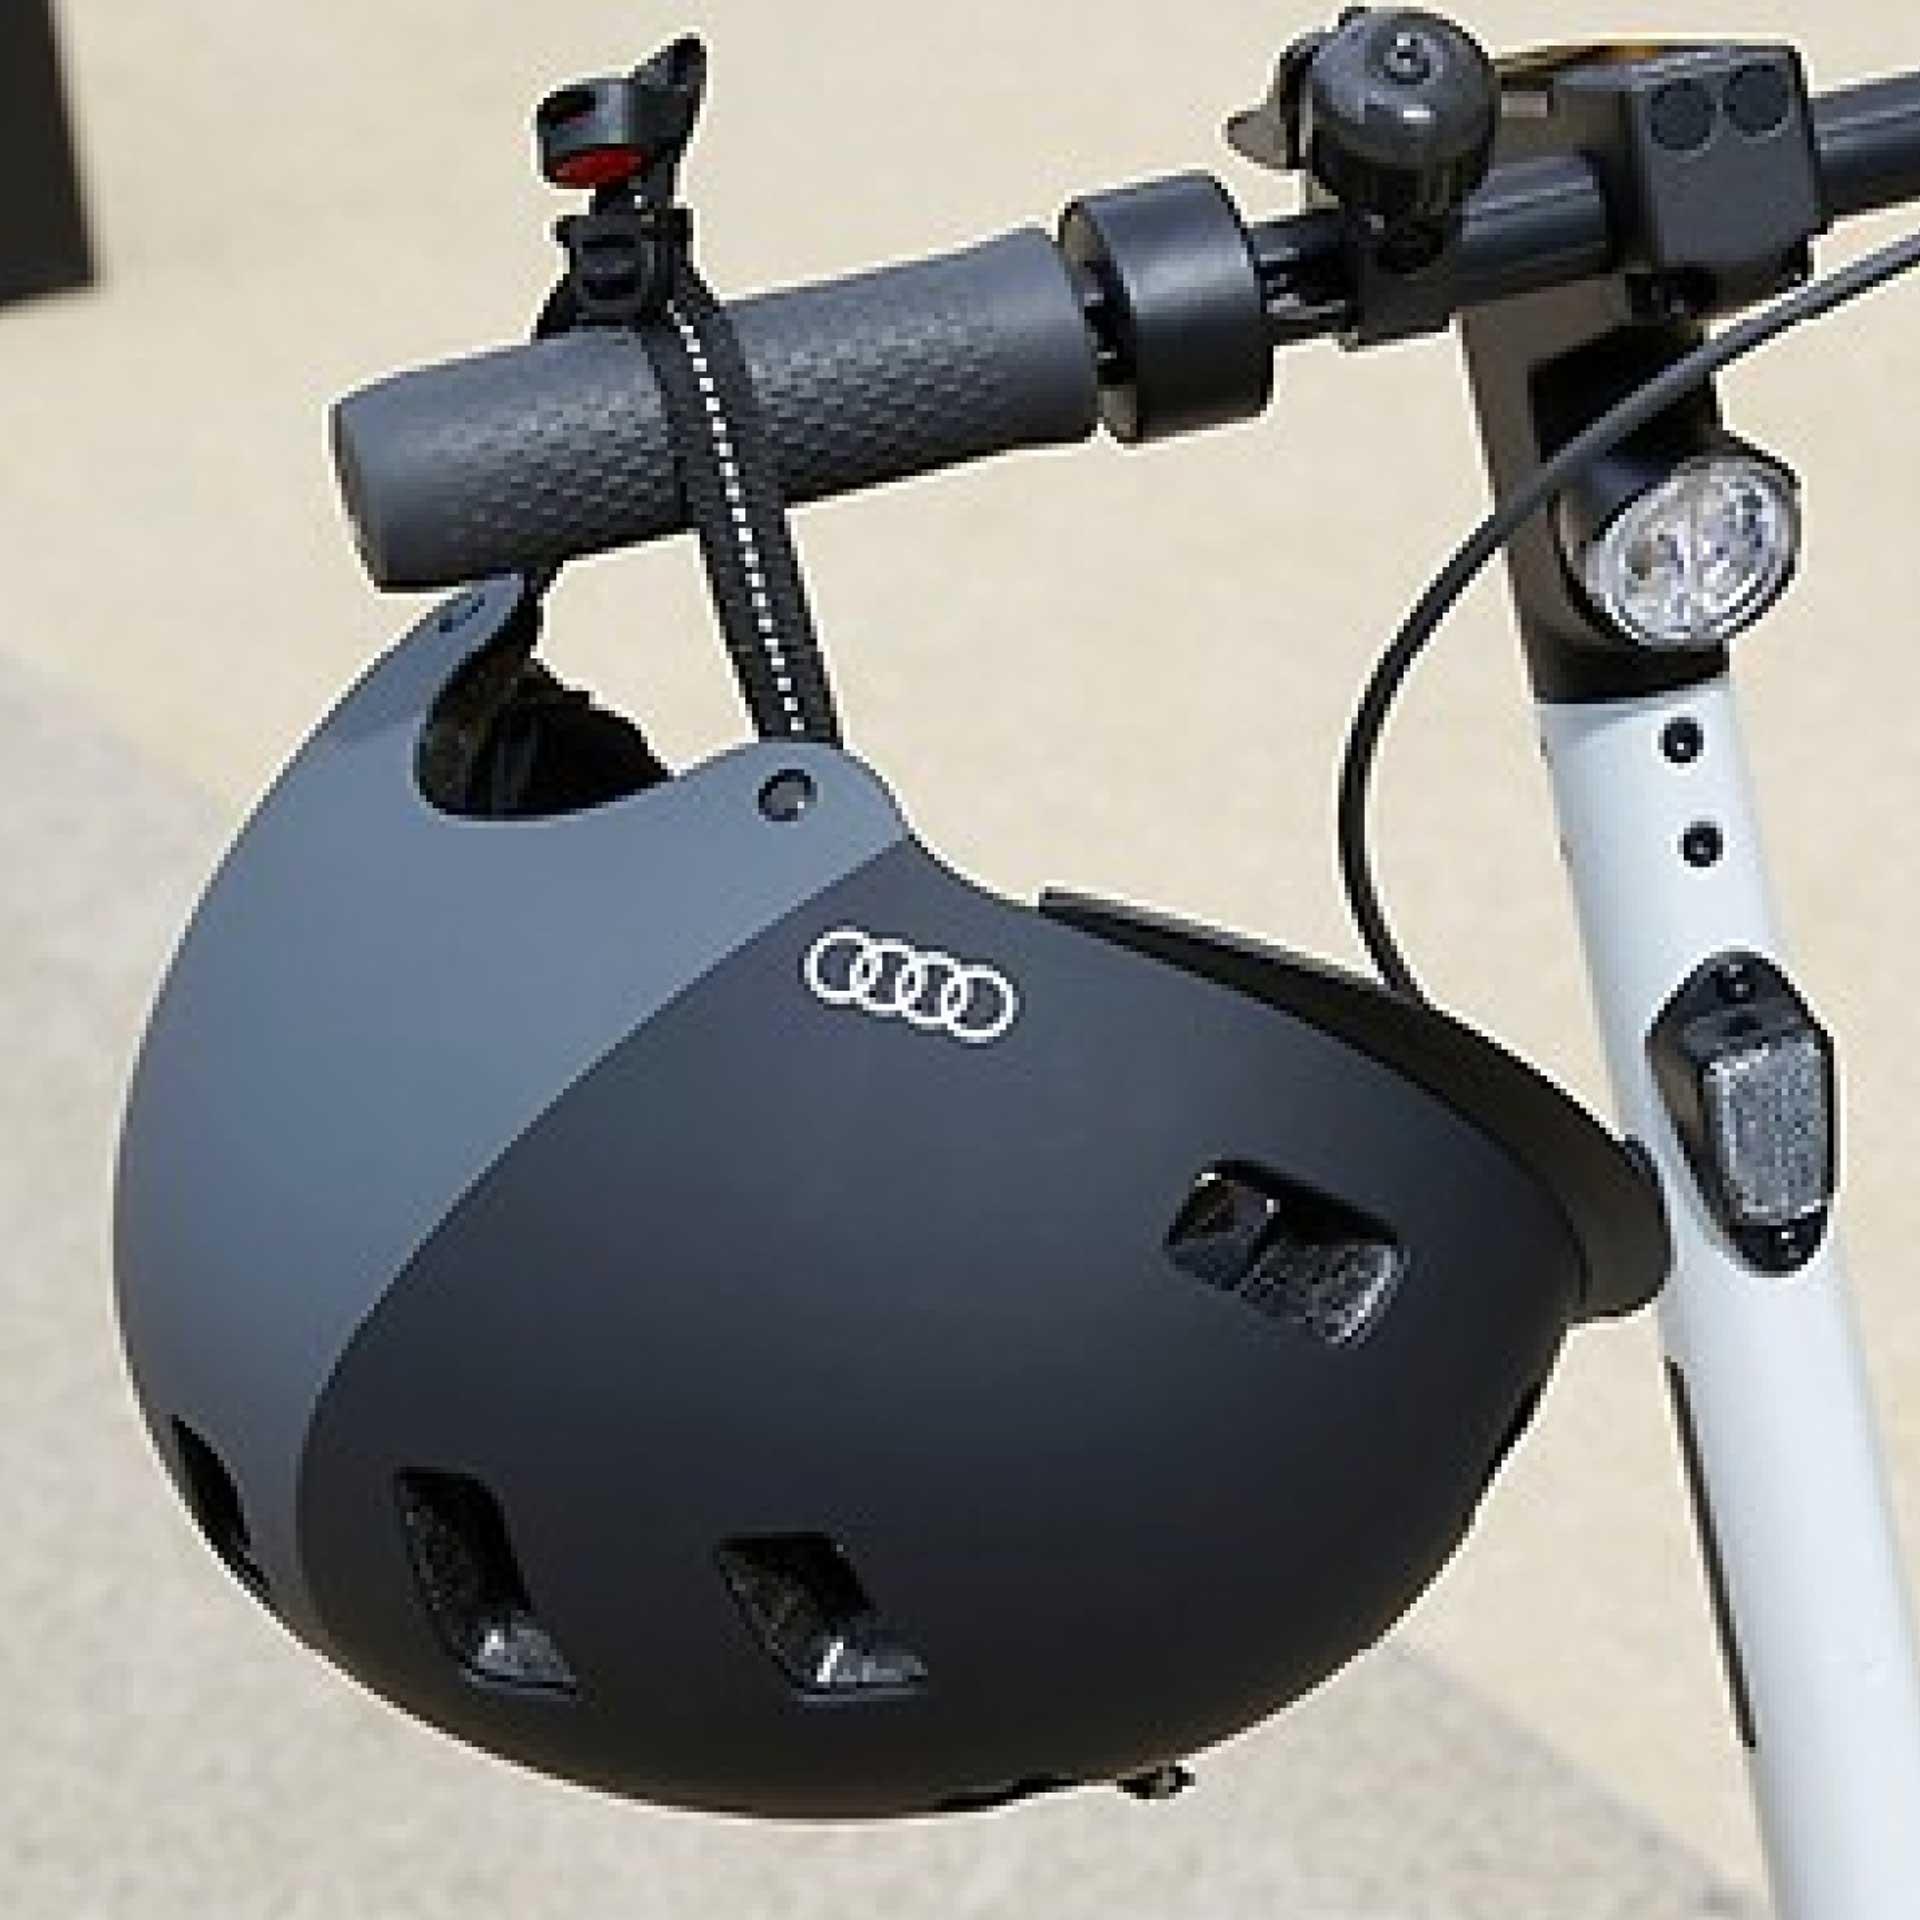 Audi Helm für E-Scooter und Fahrrad